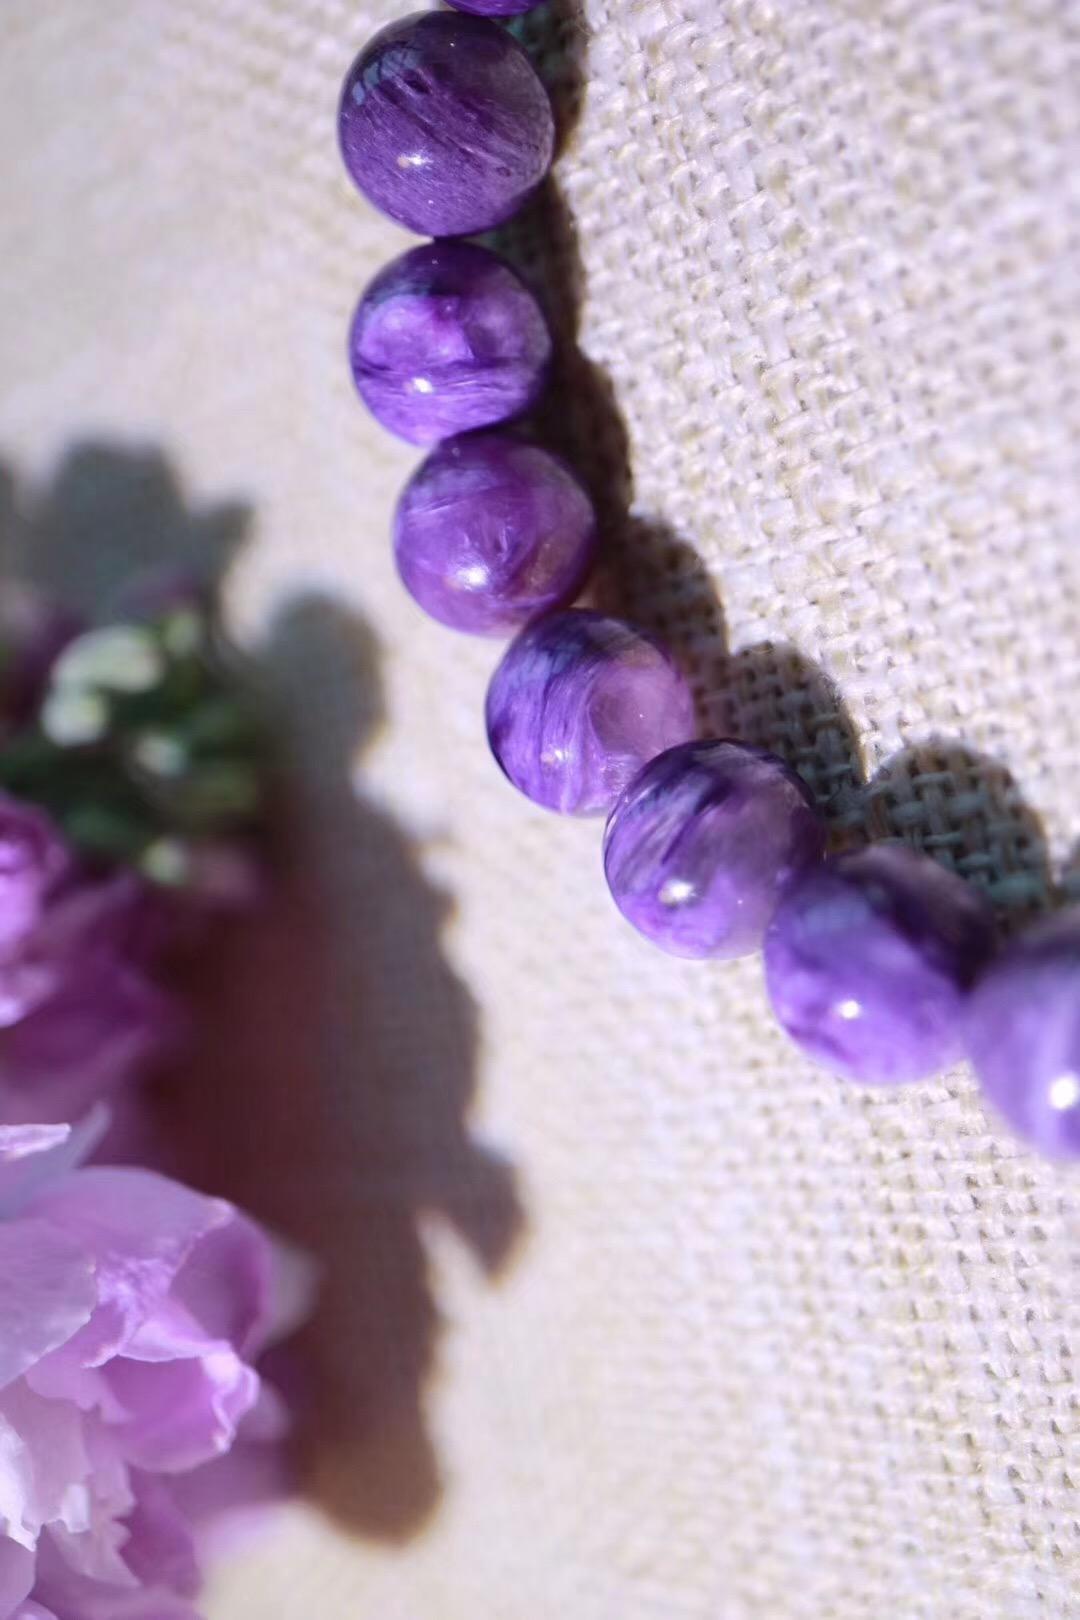 【菩心 | 舒俱来&紫龙晶】极具灵性,可带来灵感、创意-菩心晶舍